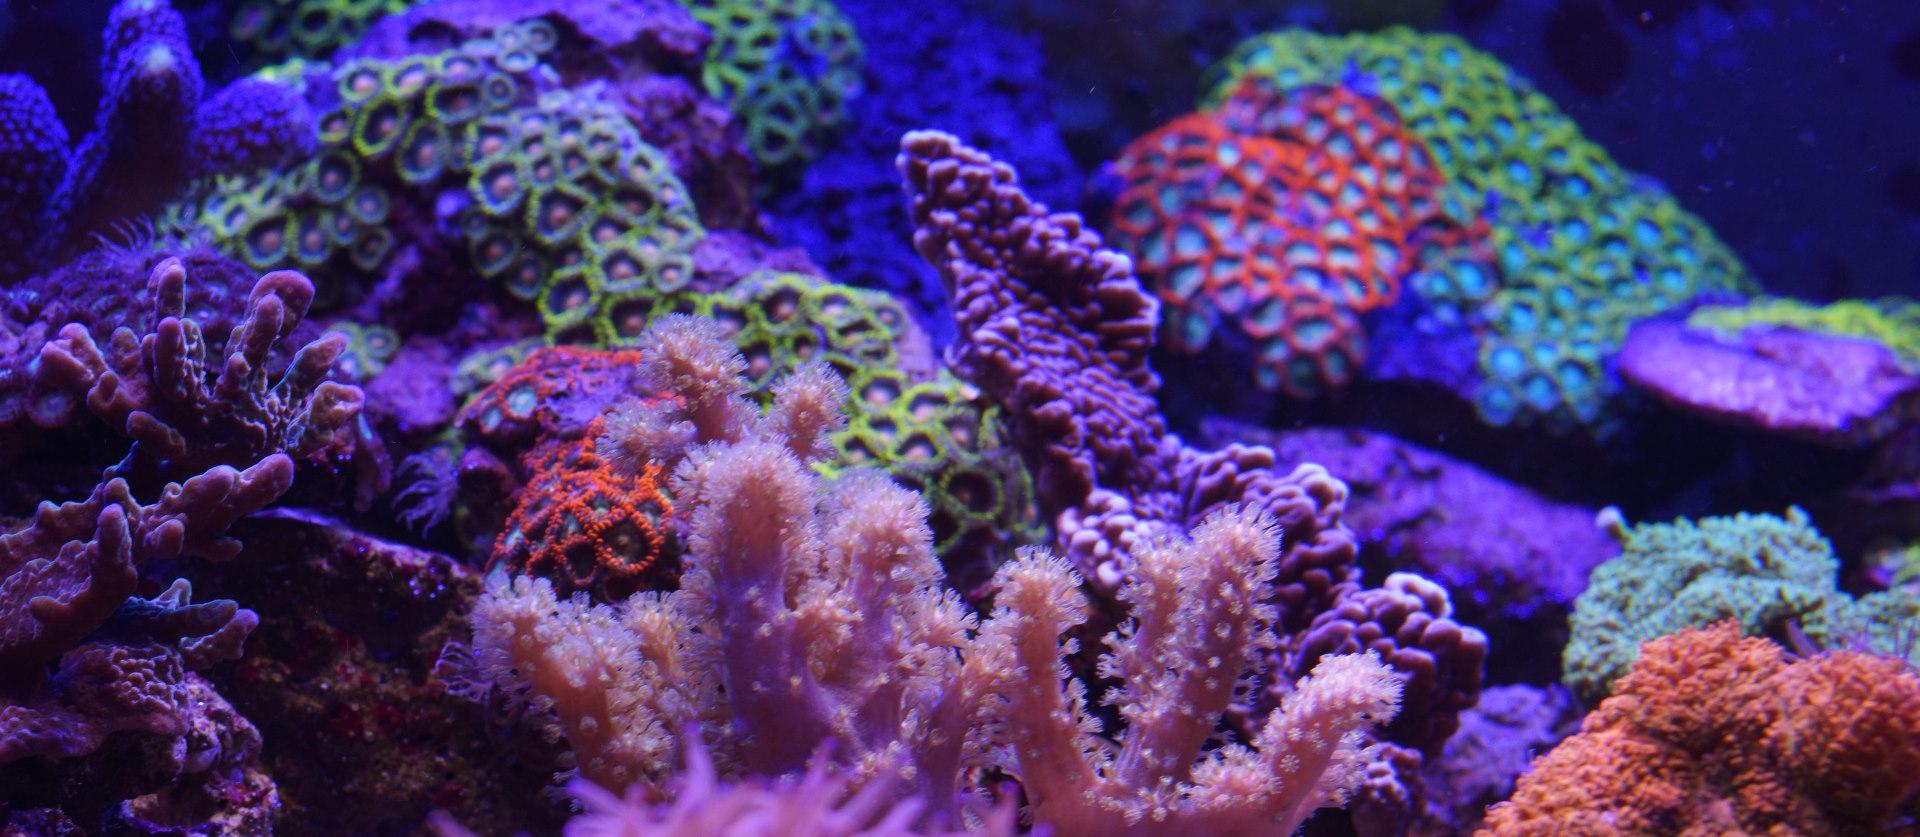 Meerwasseraquarium LED Beleuchtung